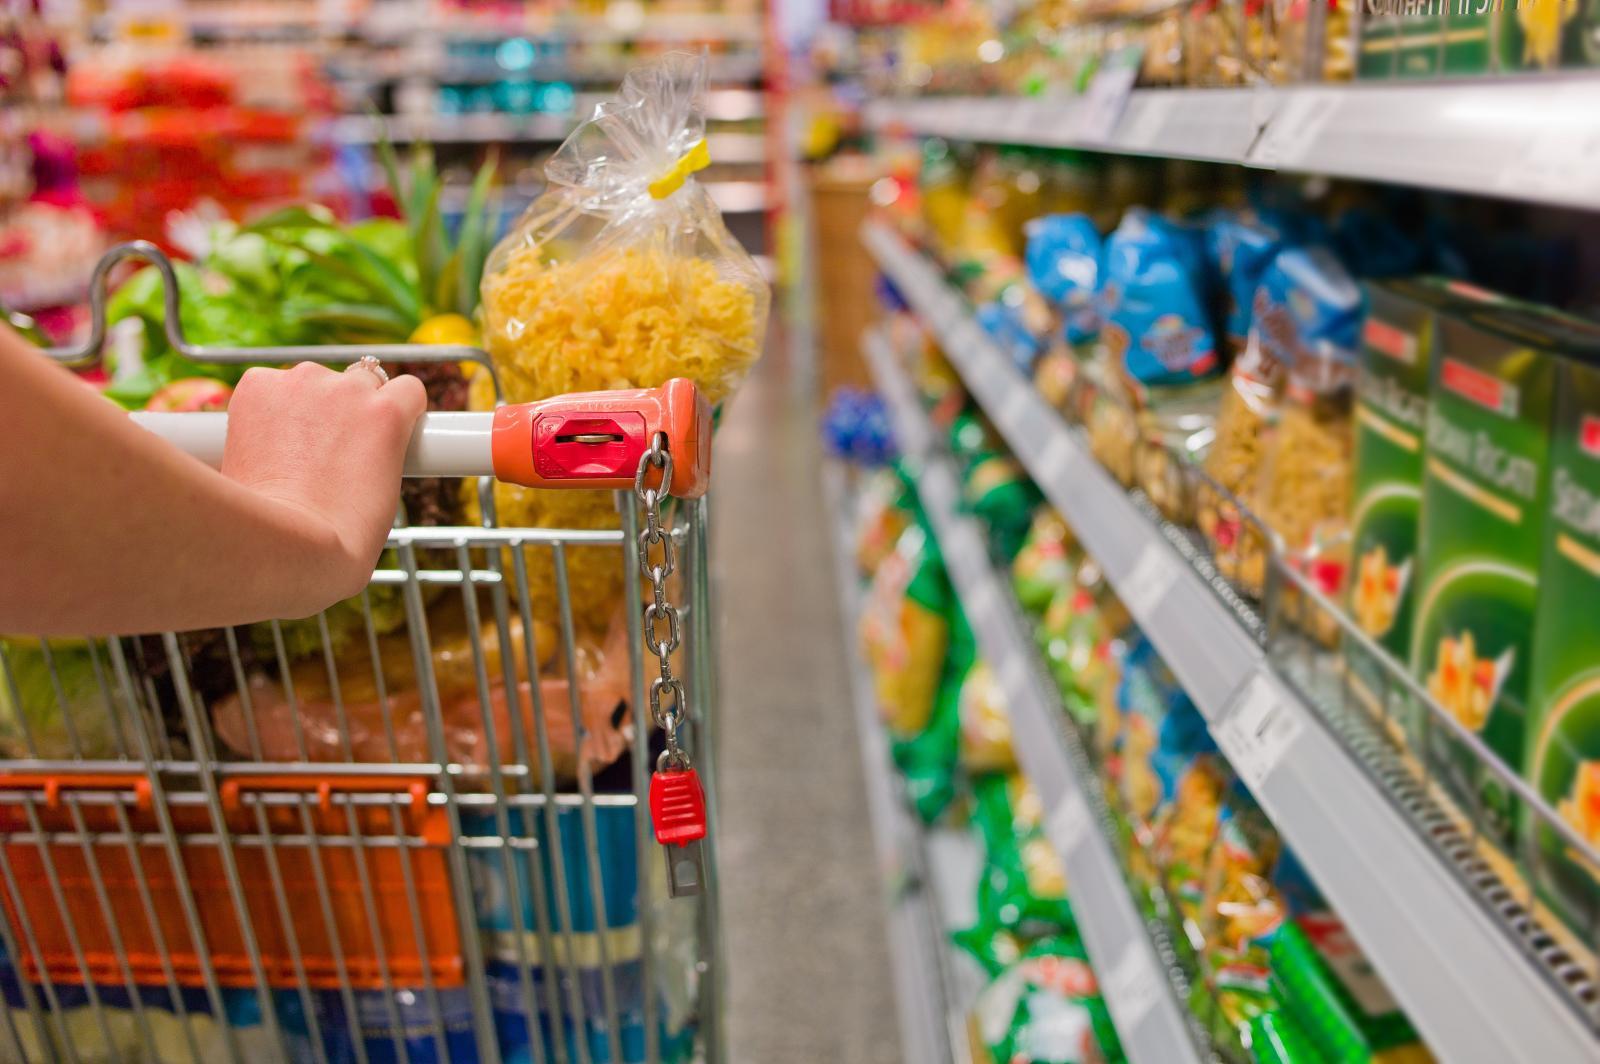 Roberto Rocha fala sobre comida e remédios mais baratos com a Reforma Tributária